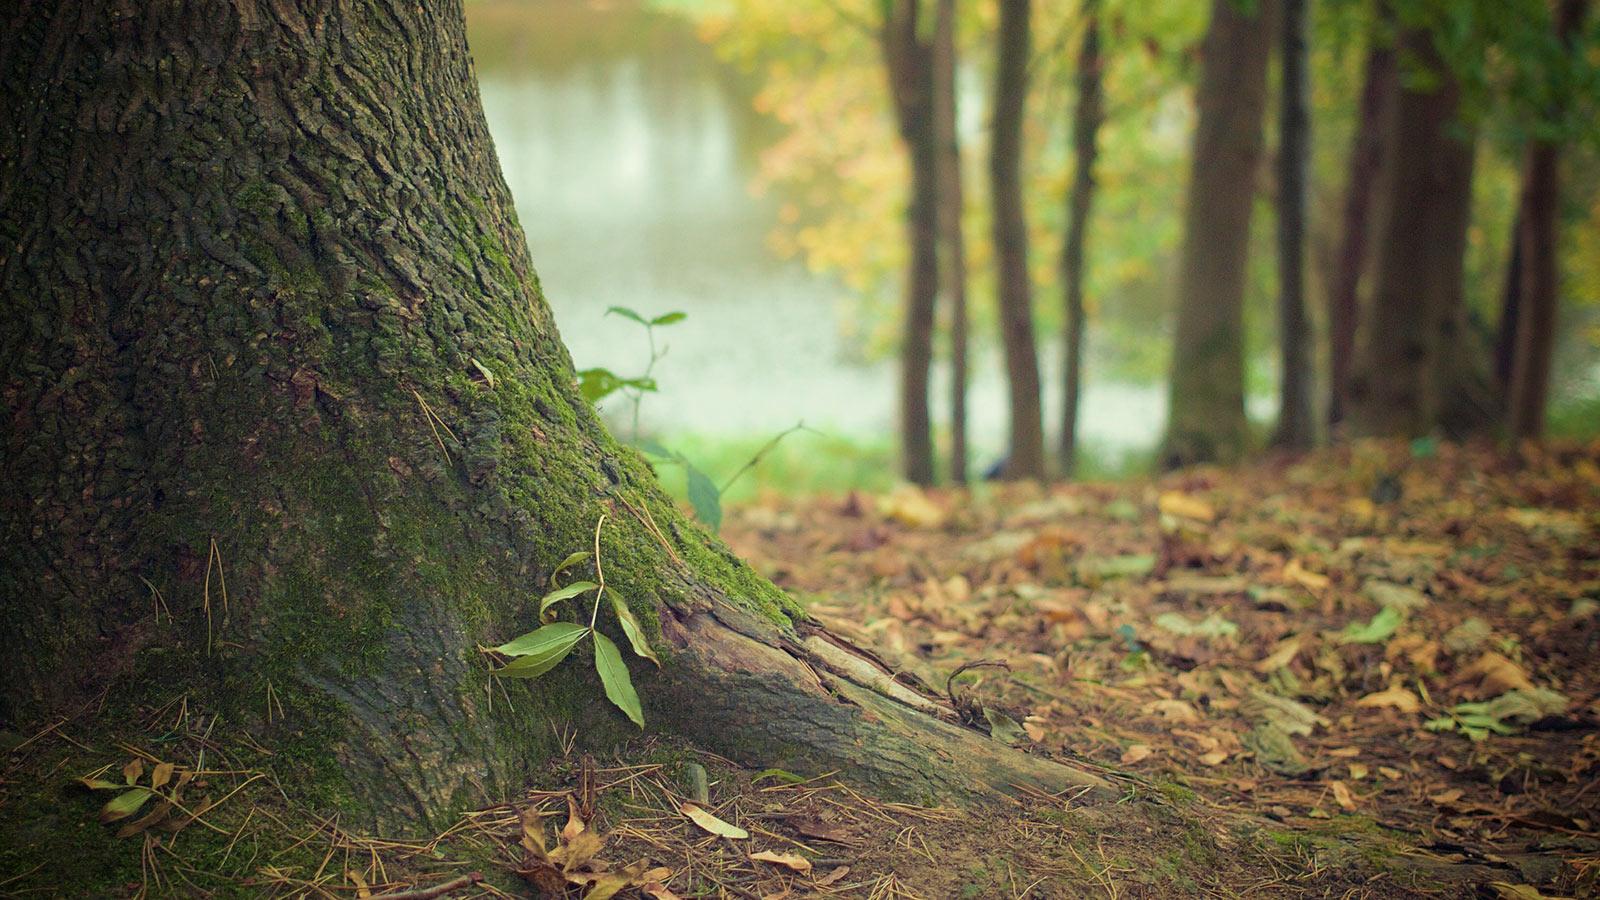 tree-trunk_1600x900